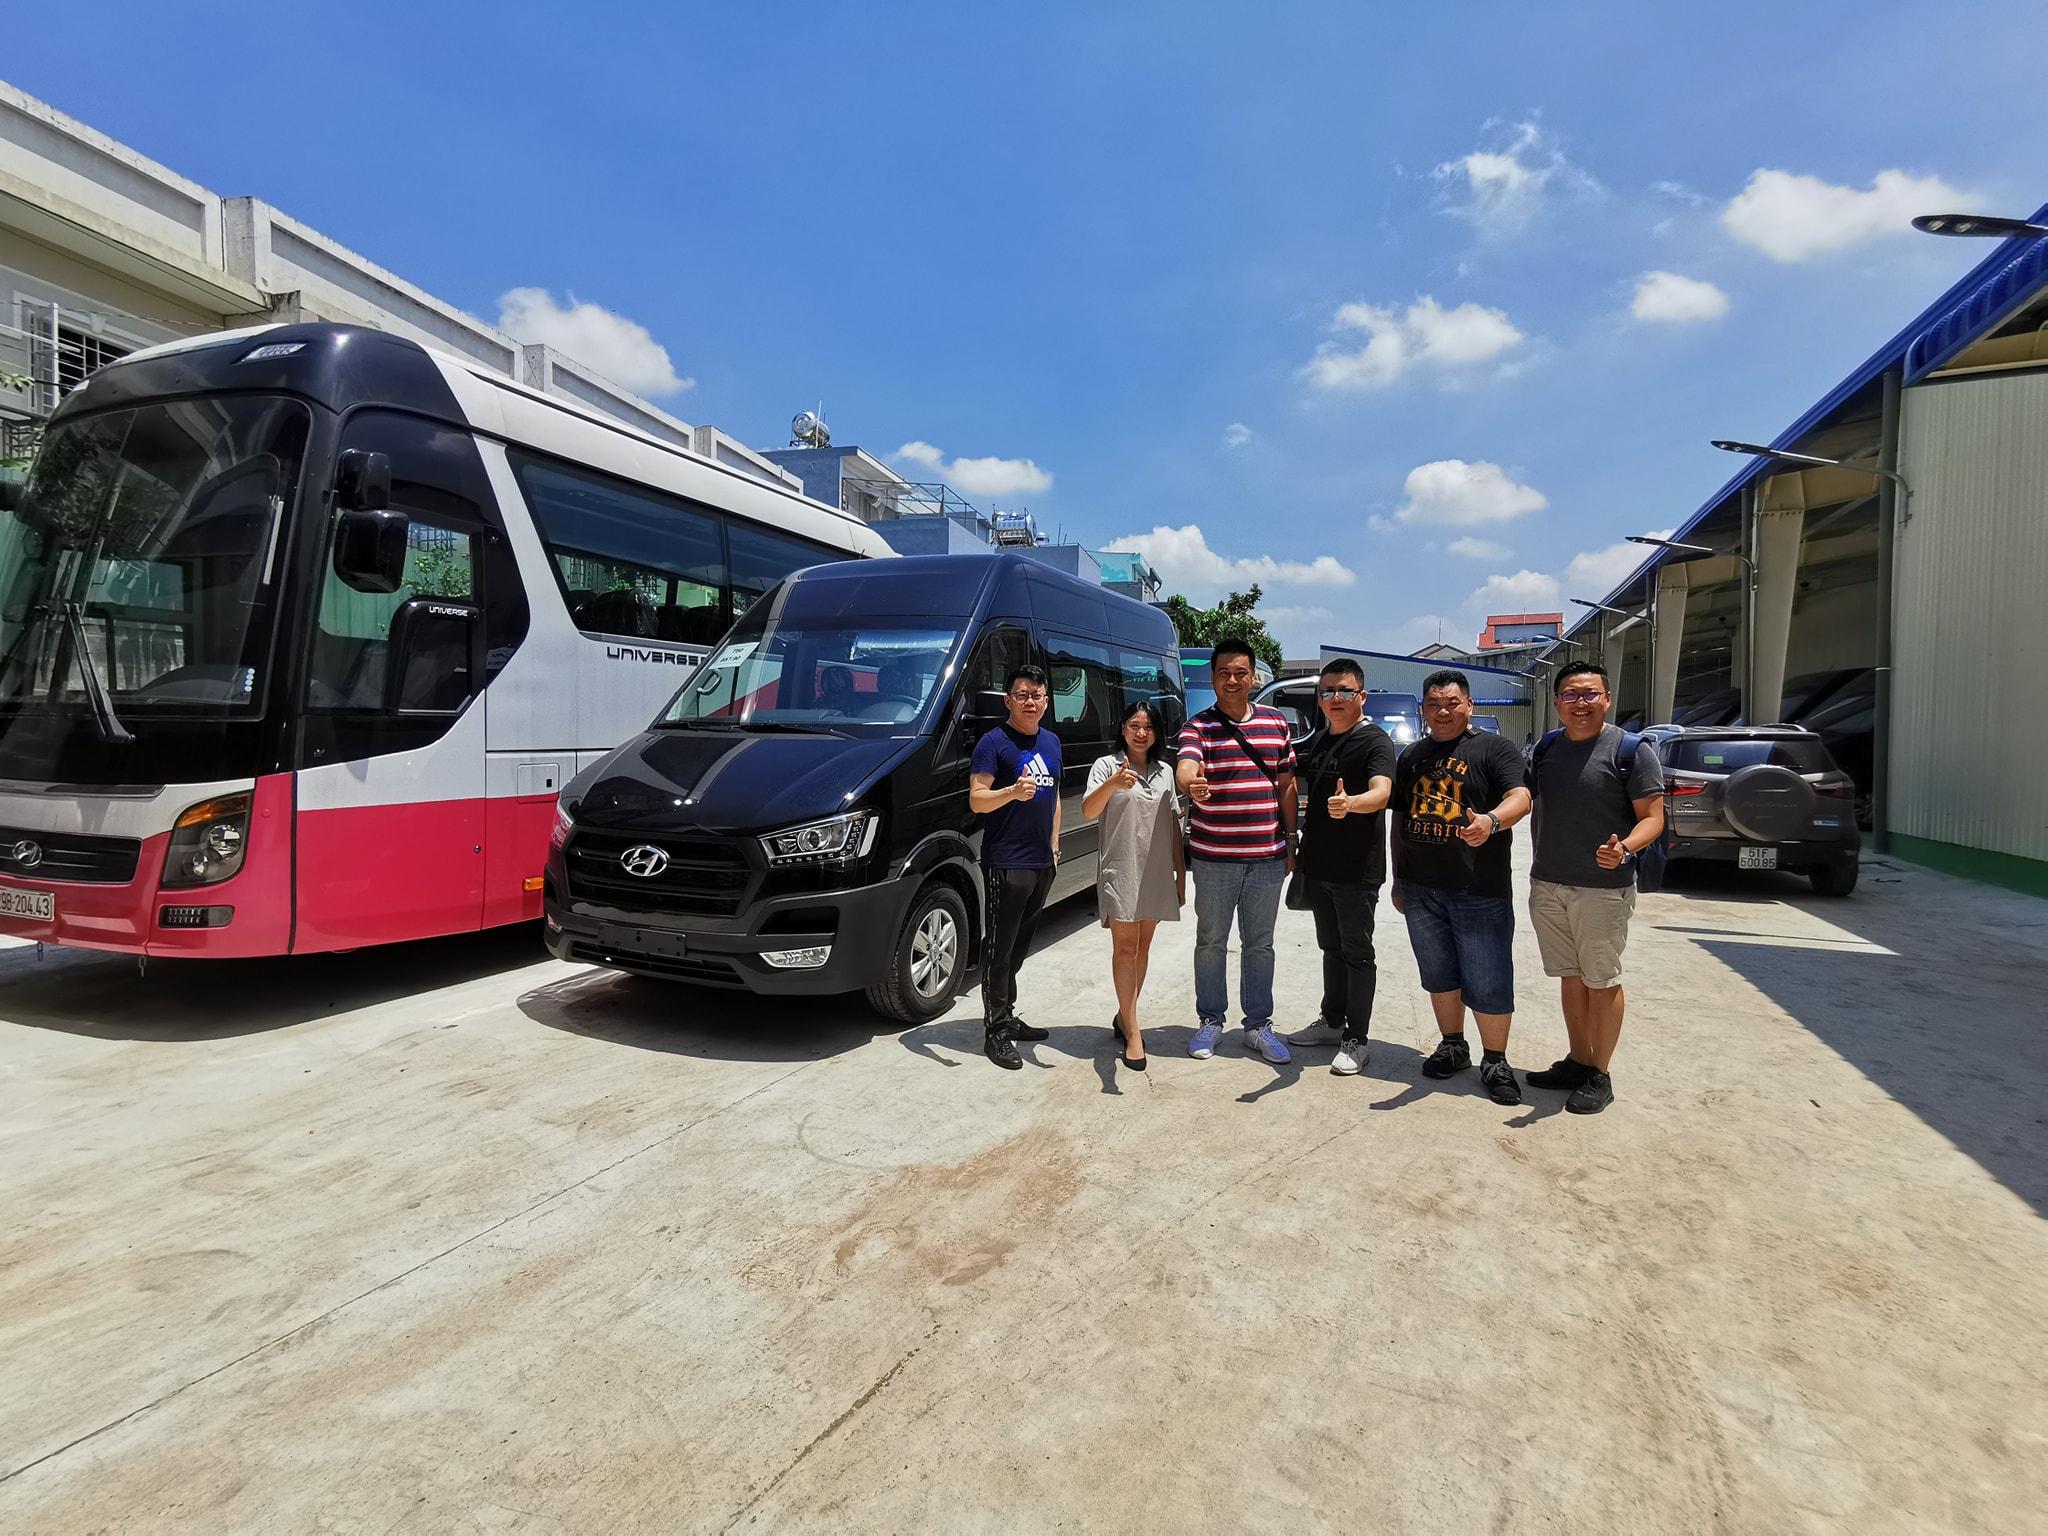 cho thuê xe du lịch tại Sài Gòn